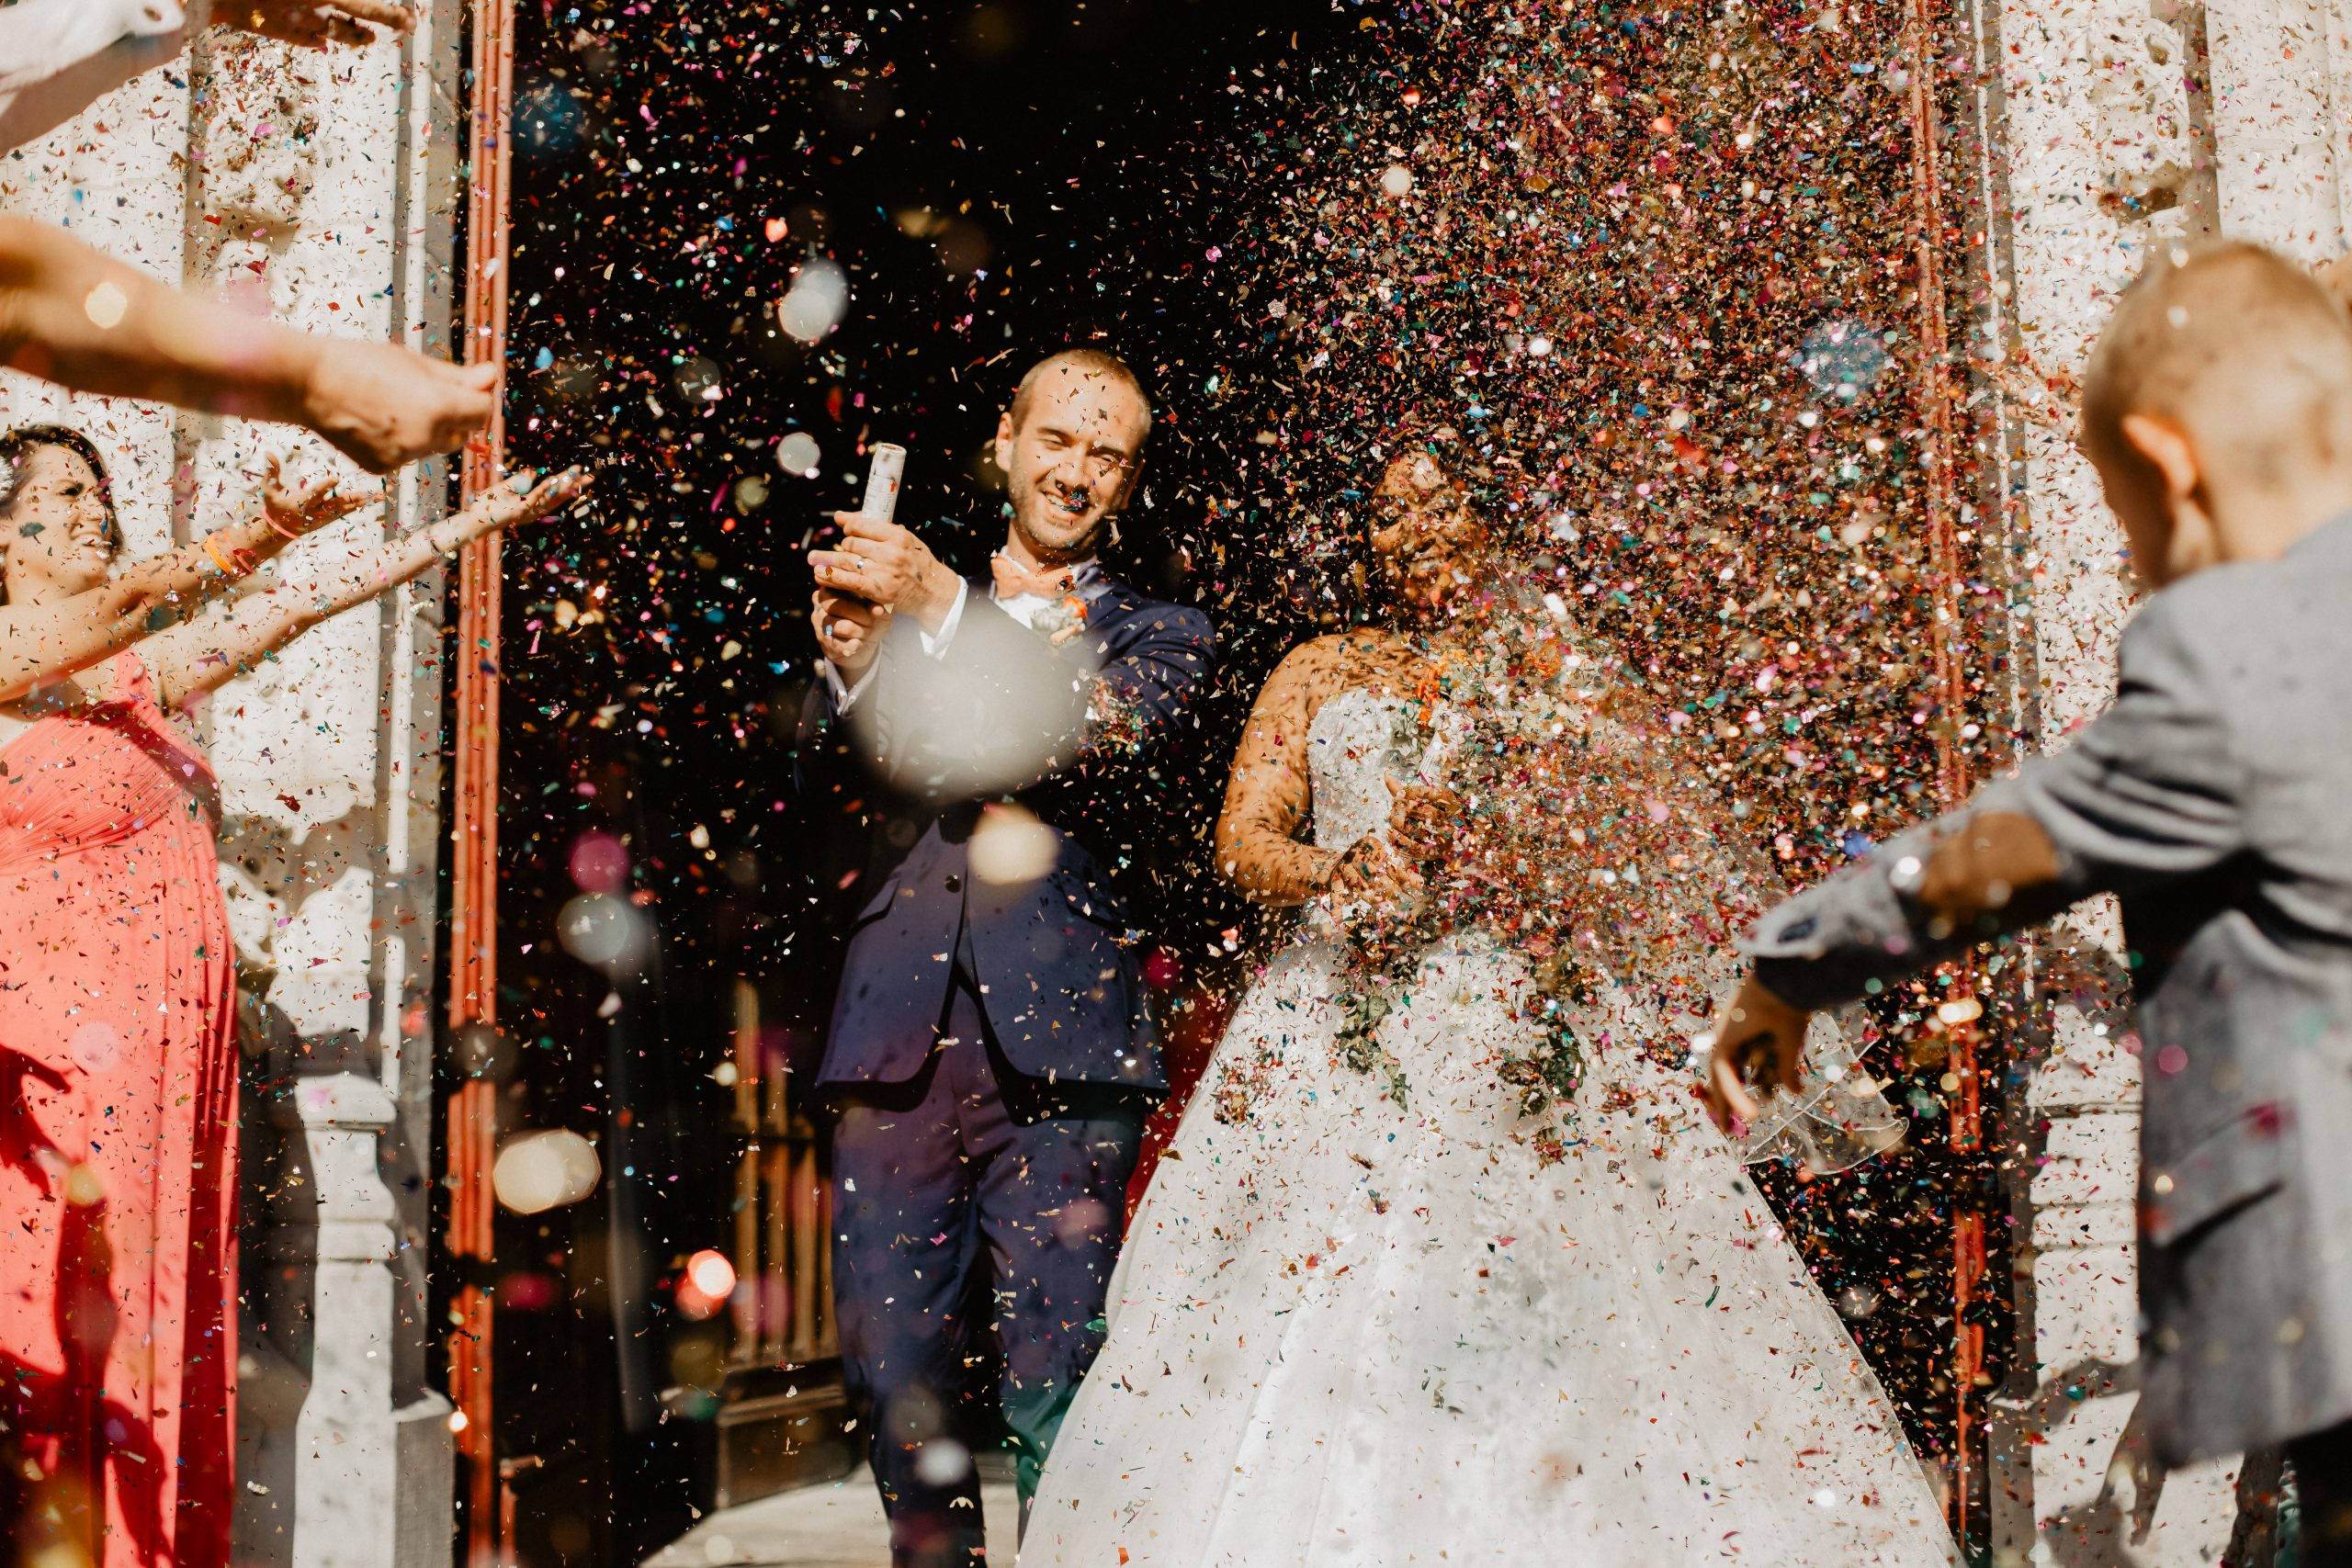 Mariage-Virginie M. Photos-couple-photos-union-amour-Croix-photographe Lille (103)